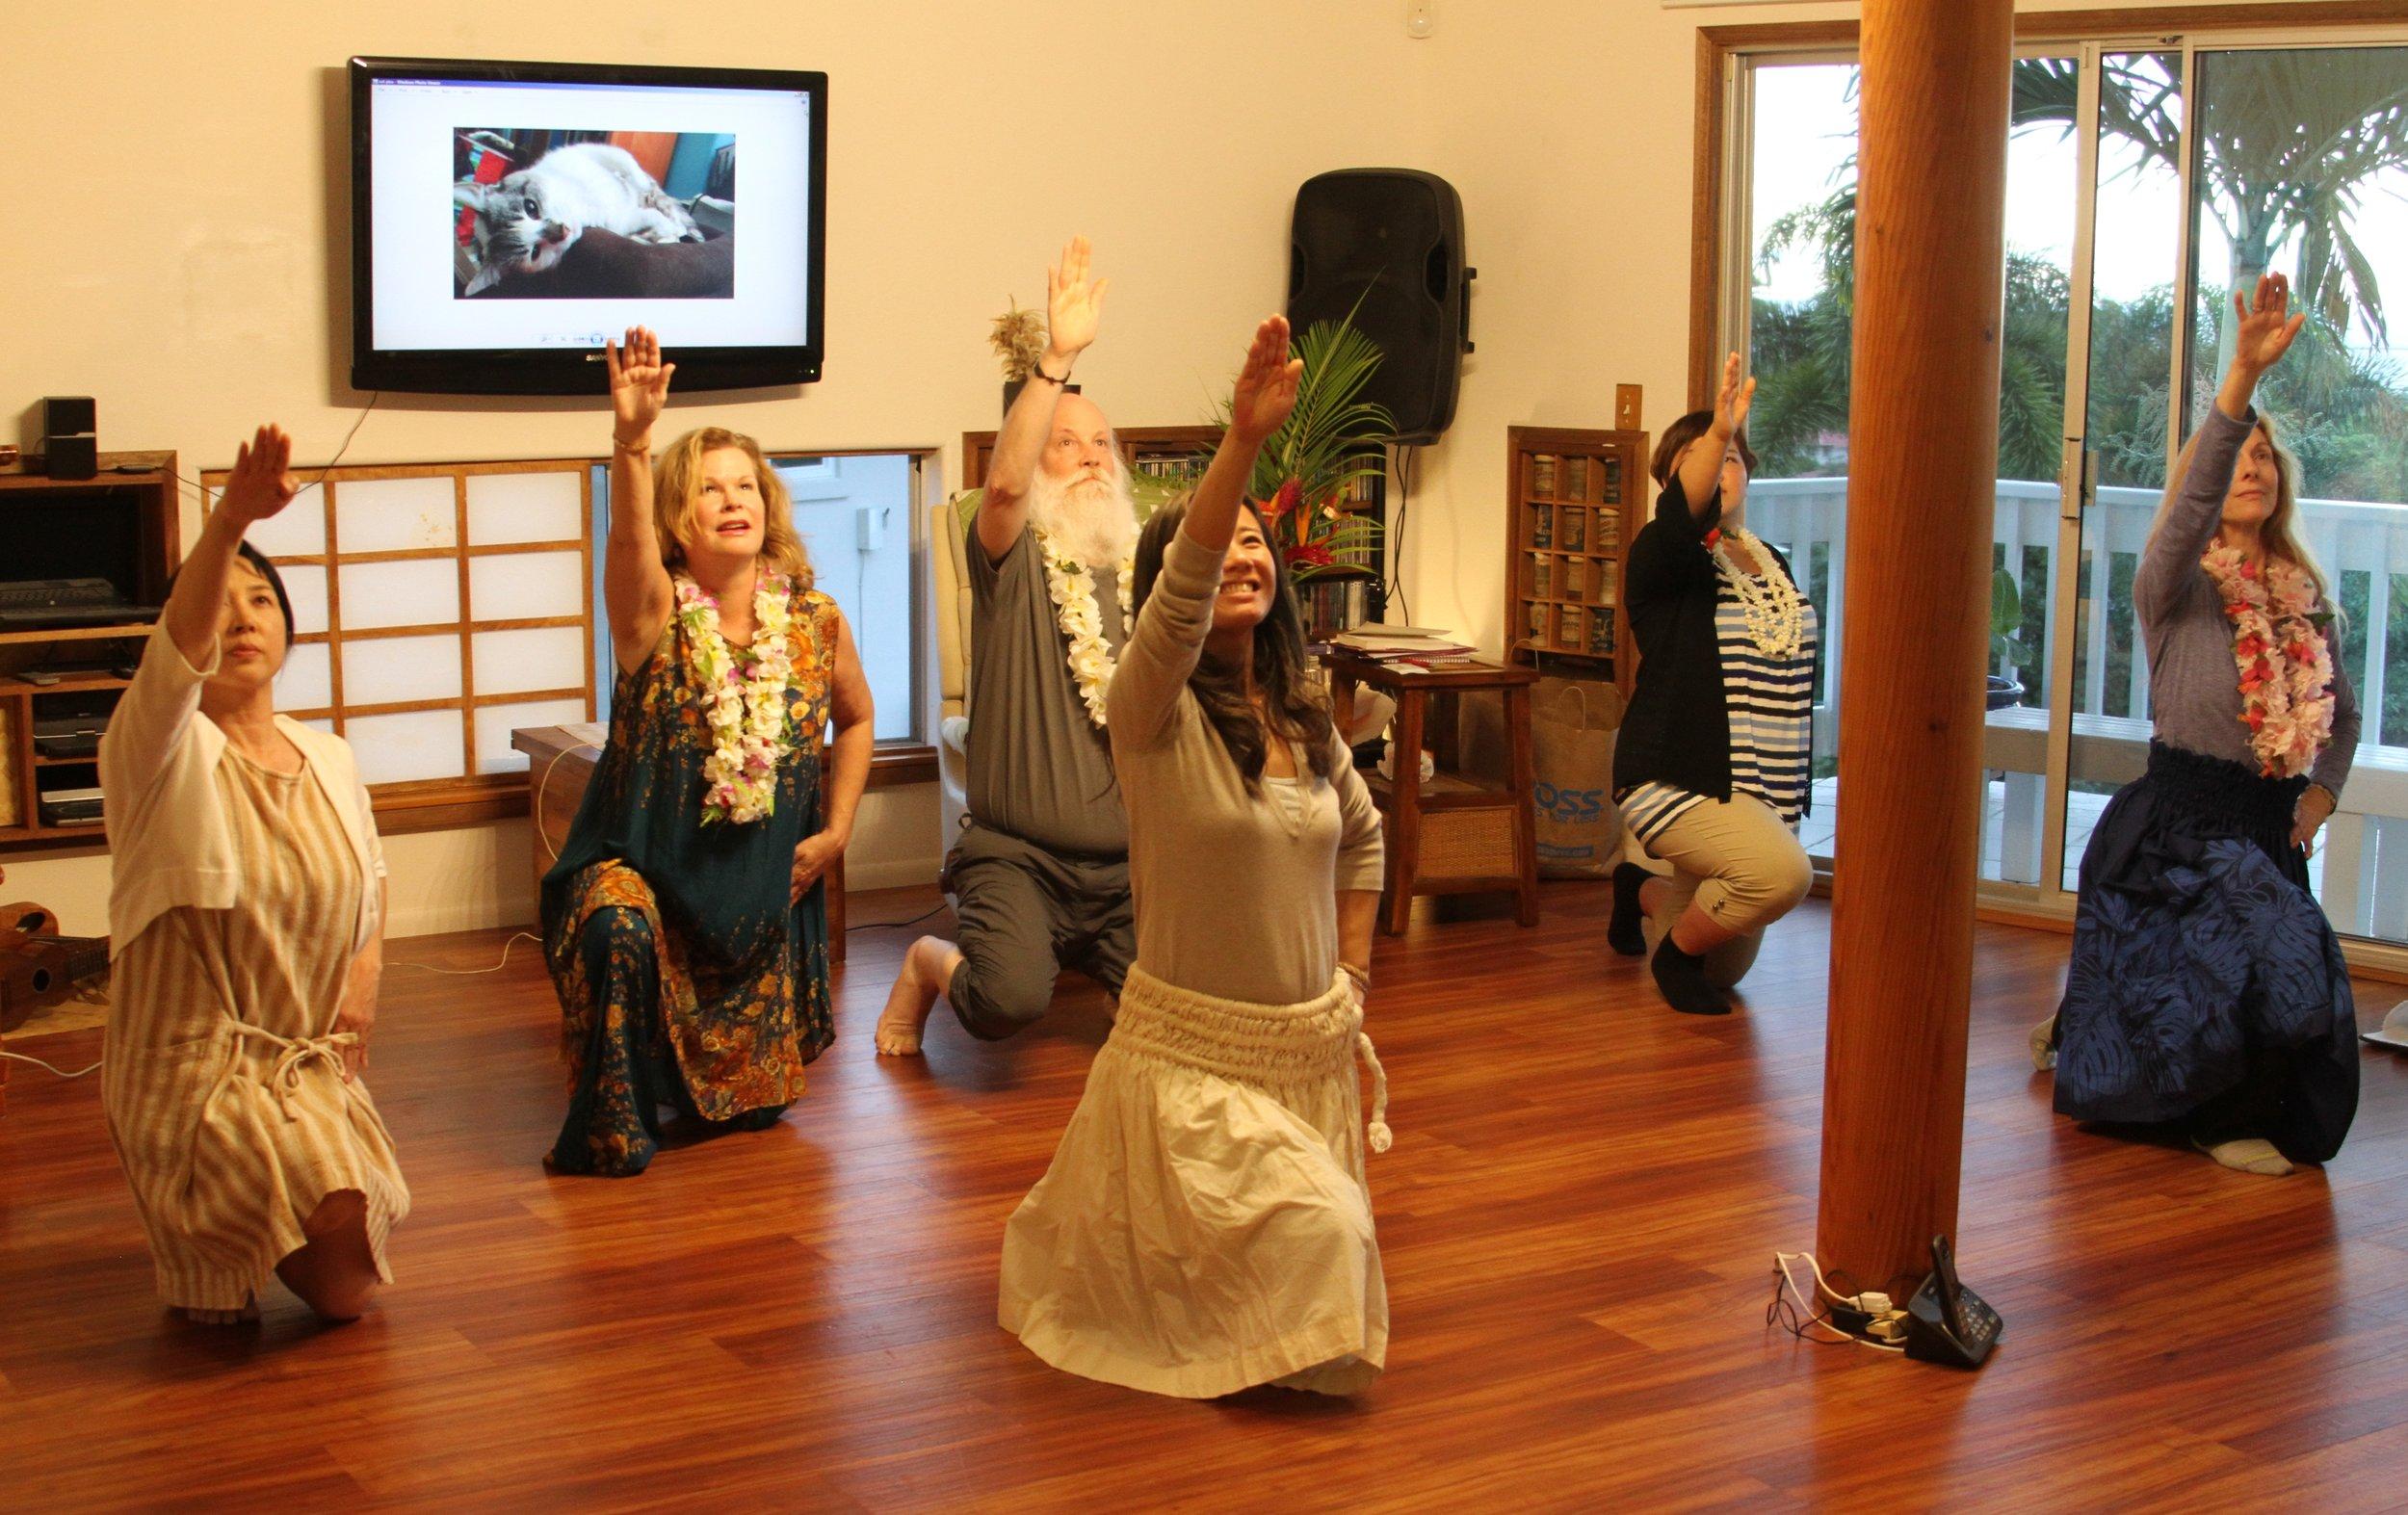 Beautiful-hula-picture.JPG